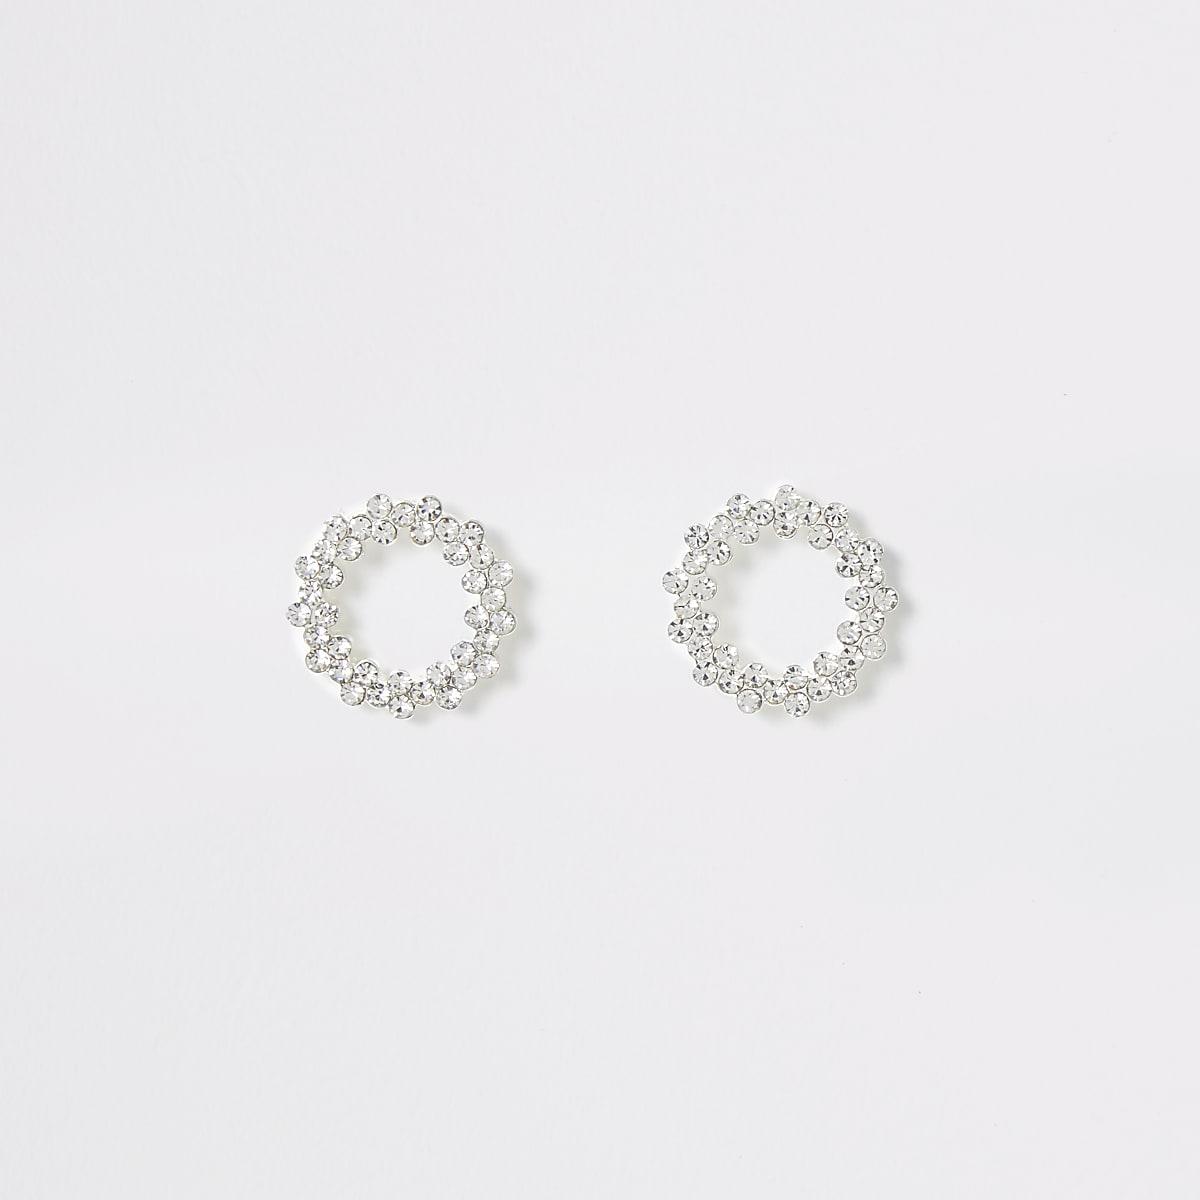 Zilverkleurige oorknopjes met open cirkel